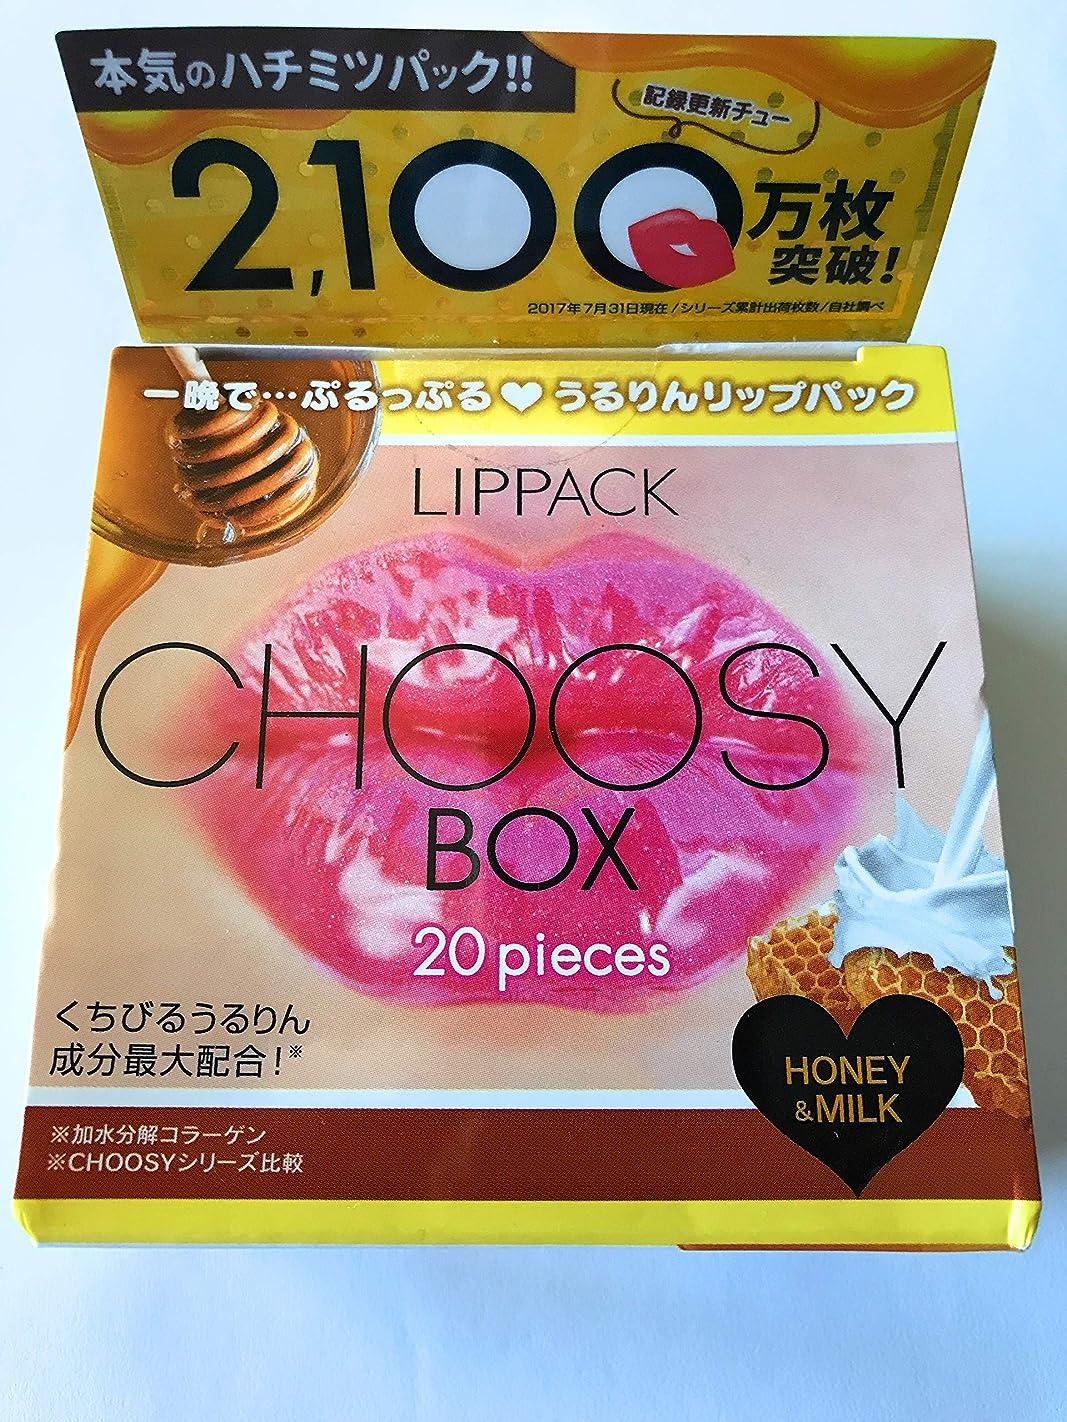 キネマティクスキャリア大陸リップパック CHOOSY 20枚入りBOX ハニー&ミルク